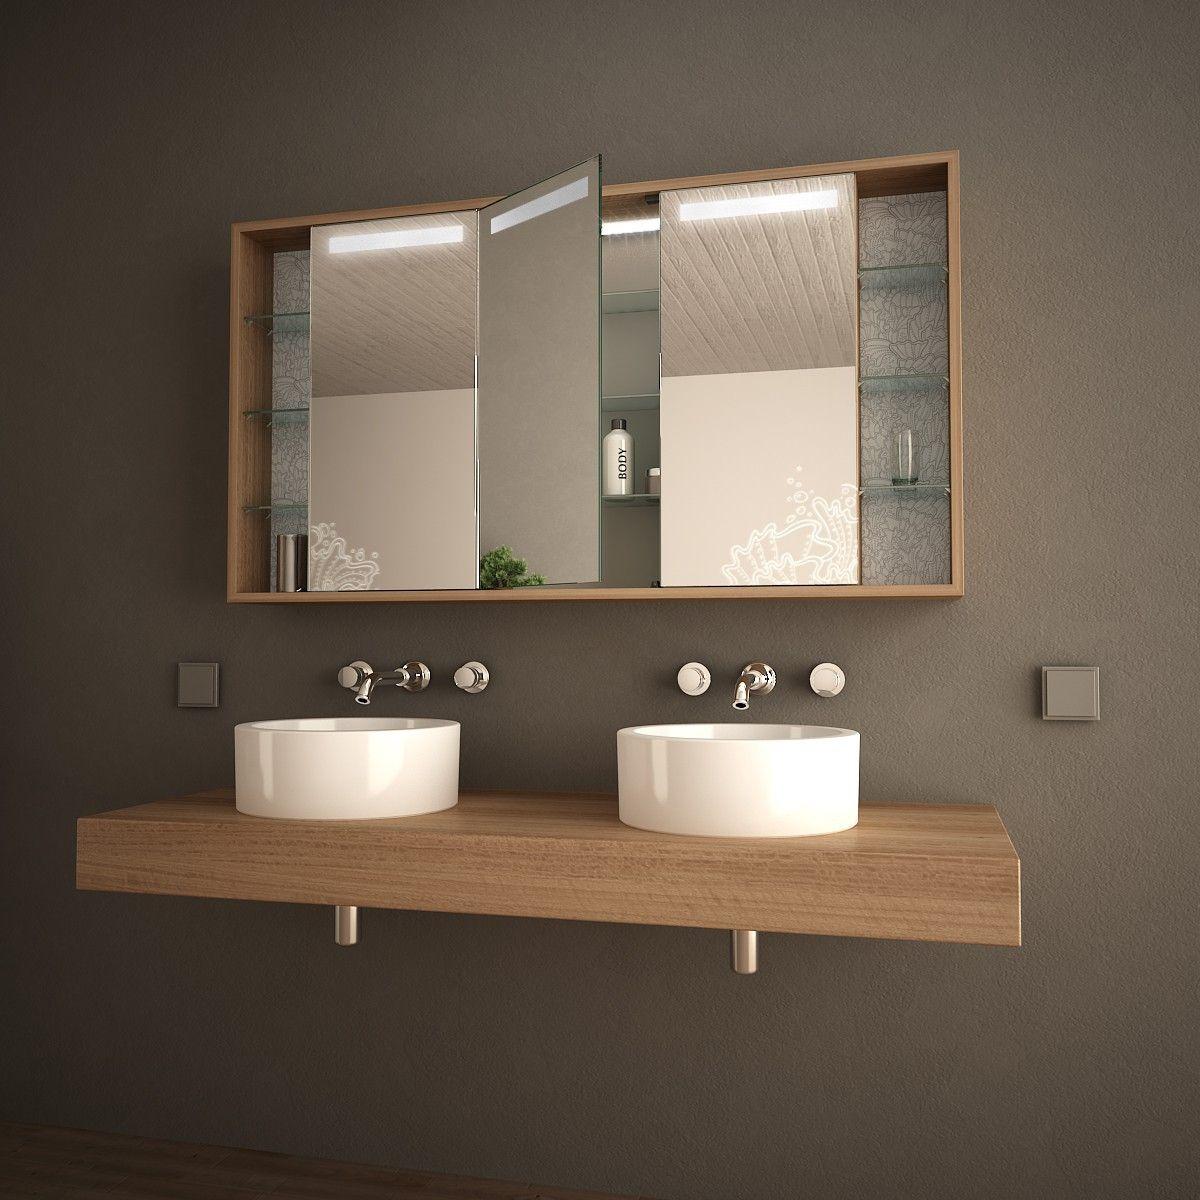 Bad-Spiegelschrank mit Licht Arida | Haus | Pinterest